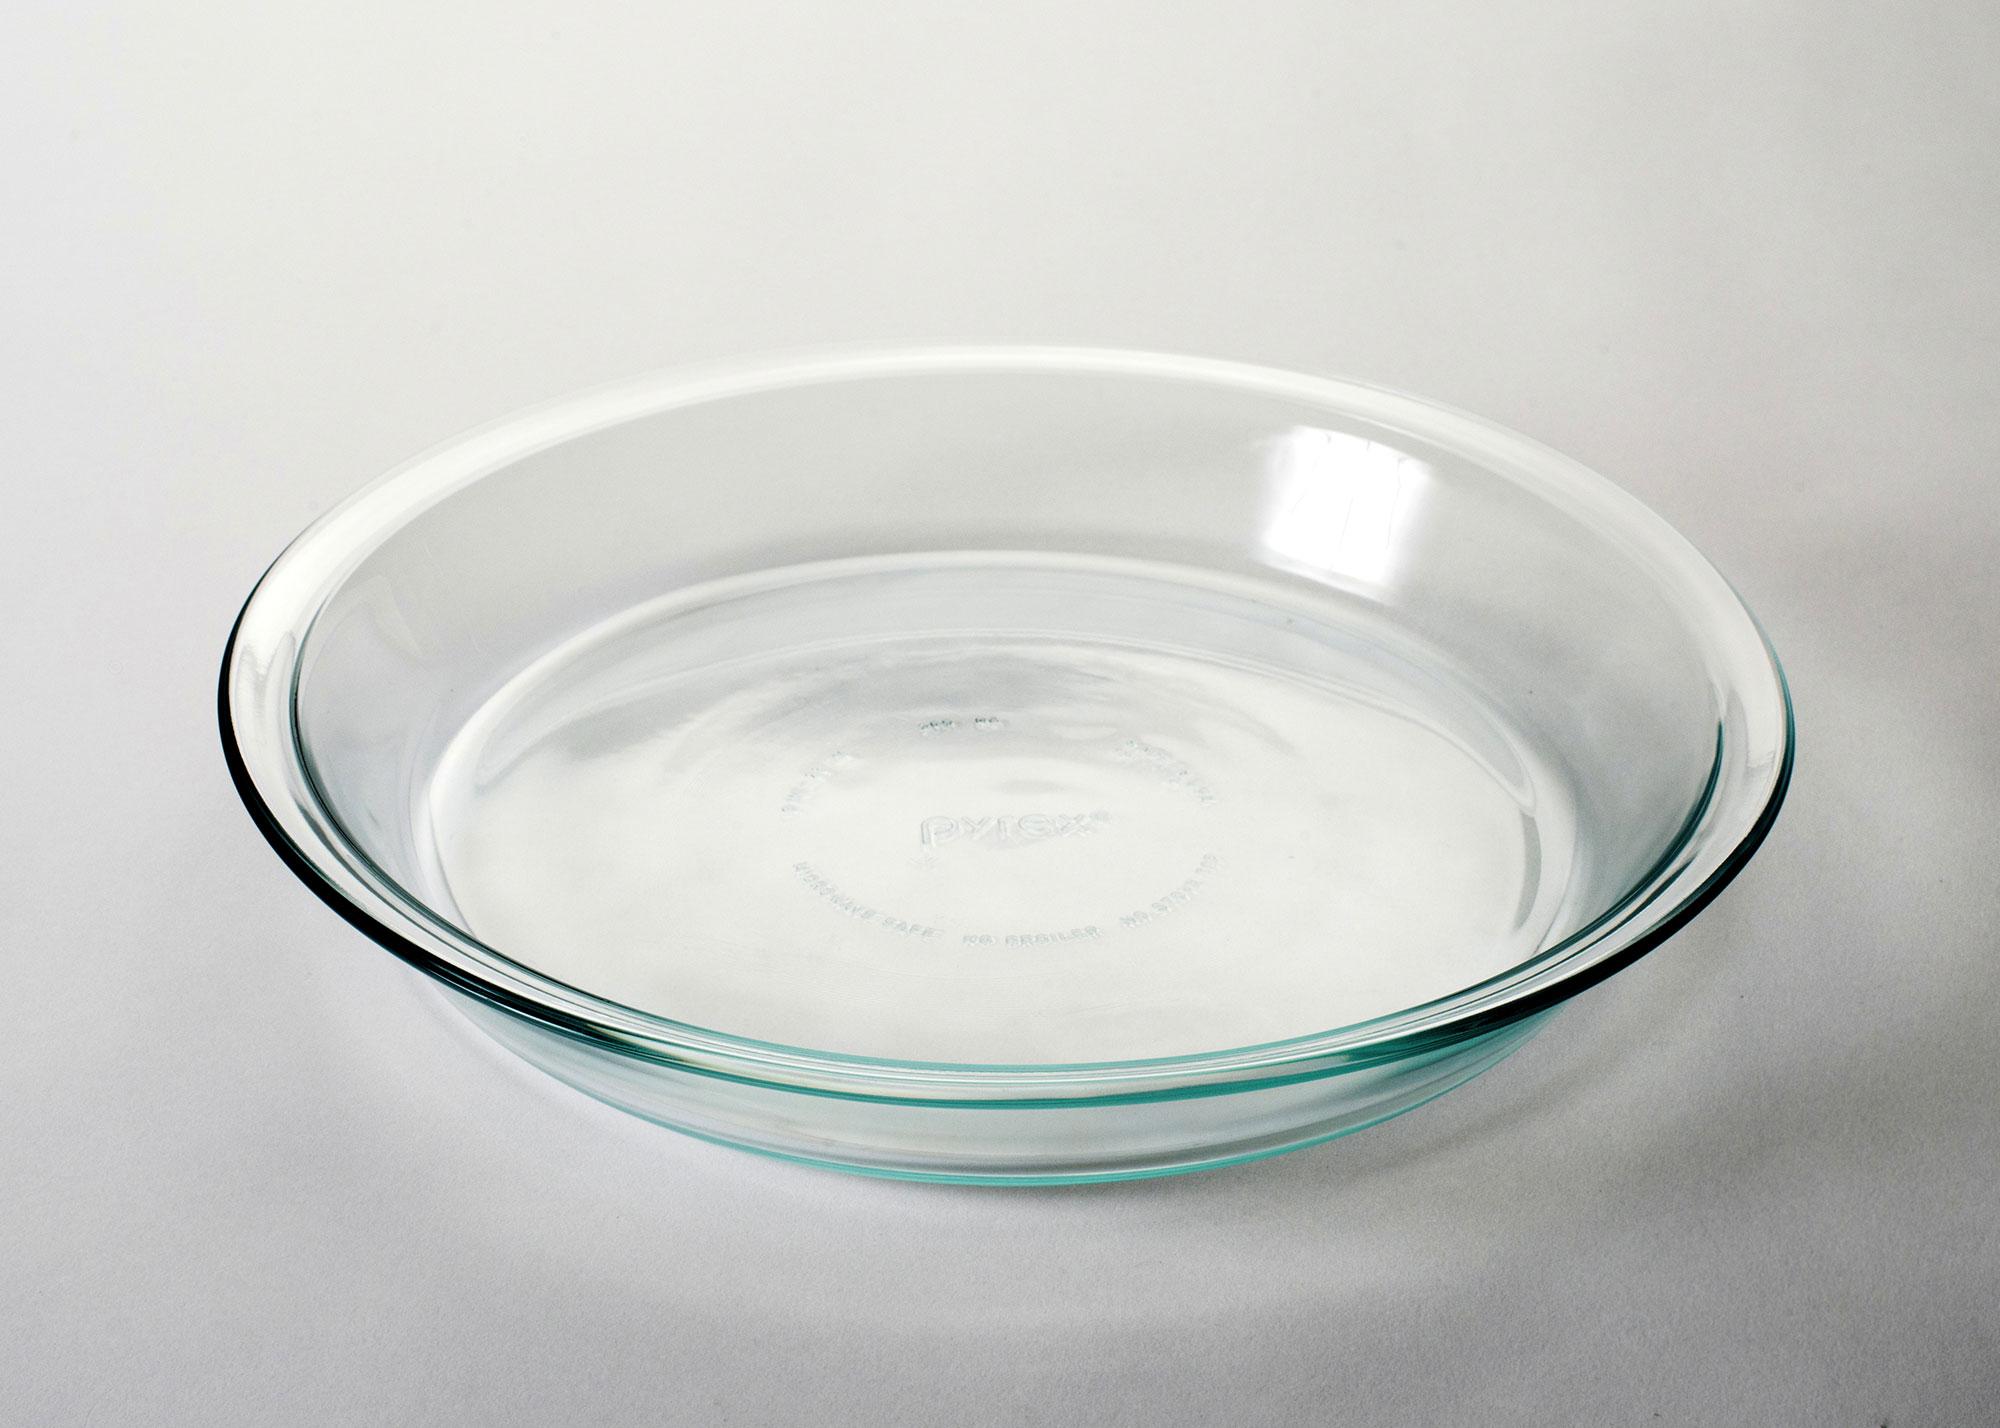 Moule à tarte en verre, simple et transparent.